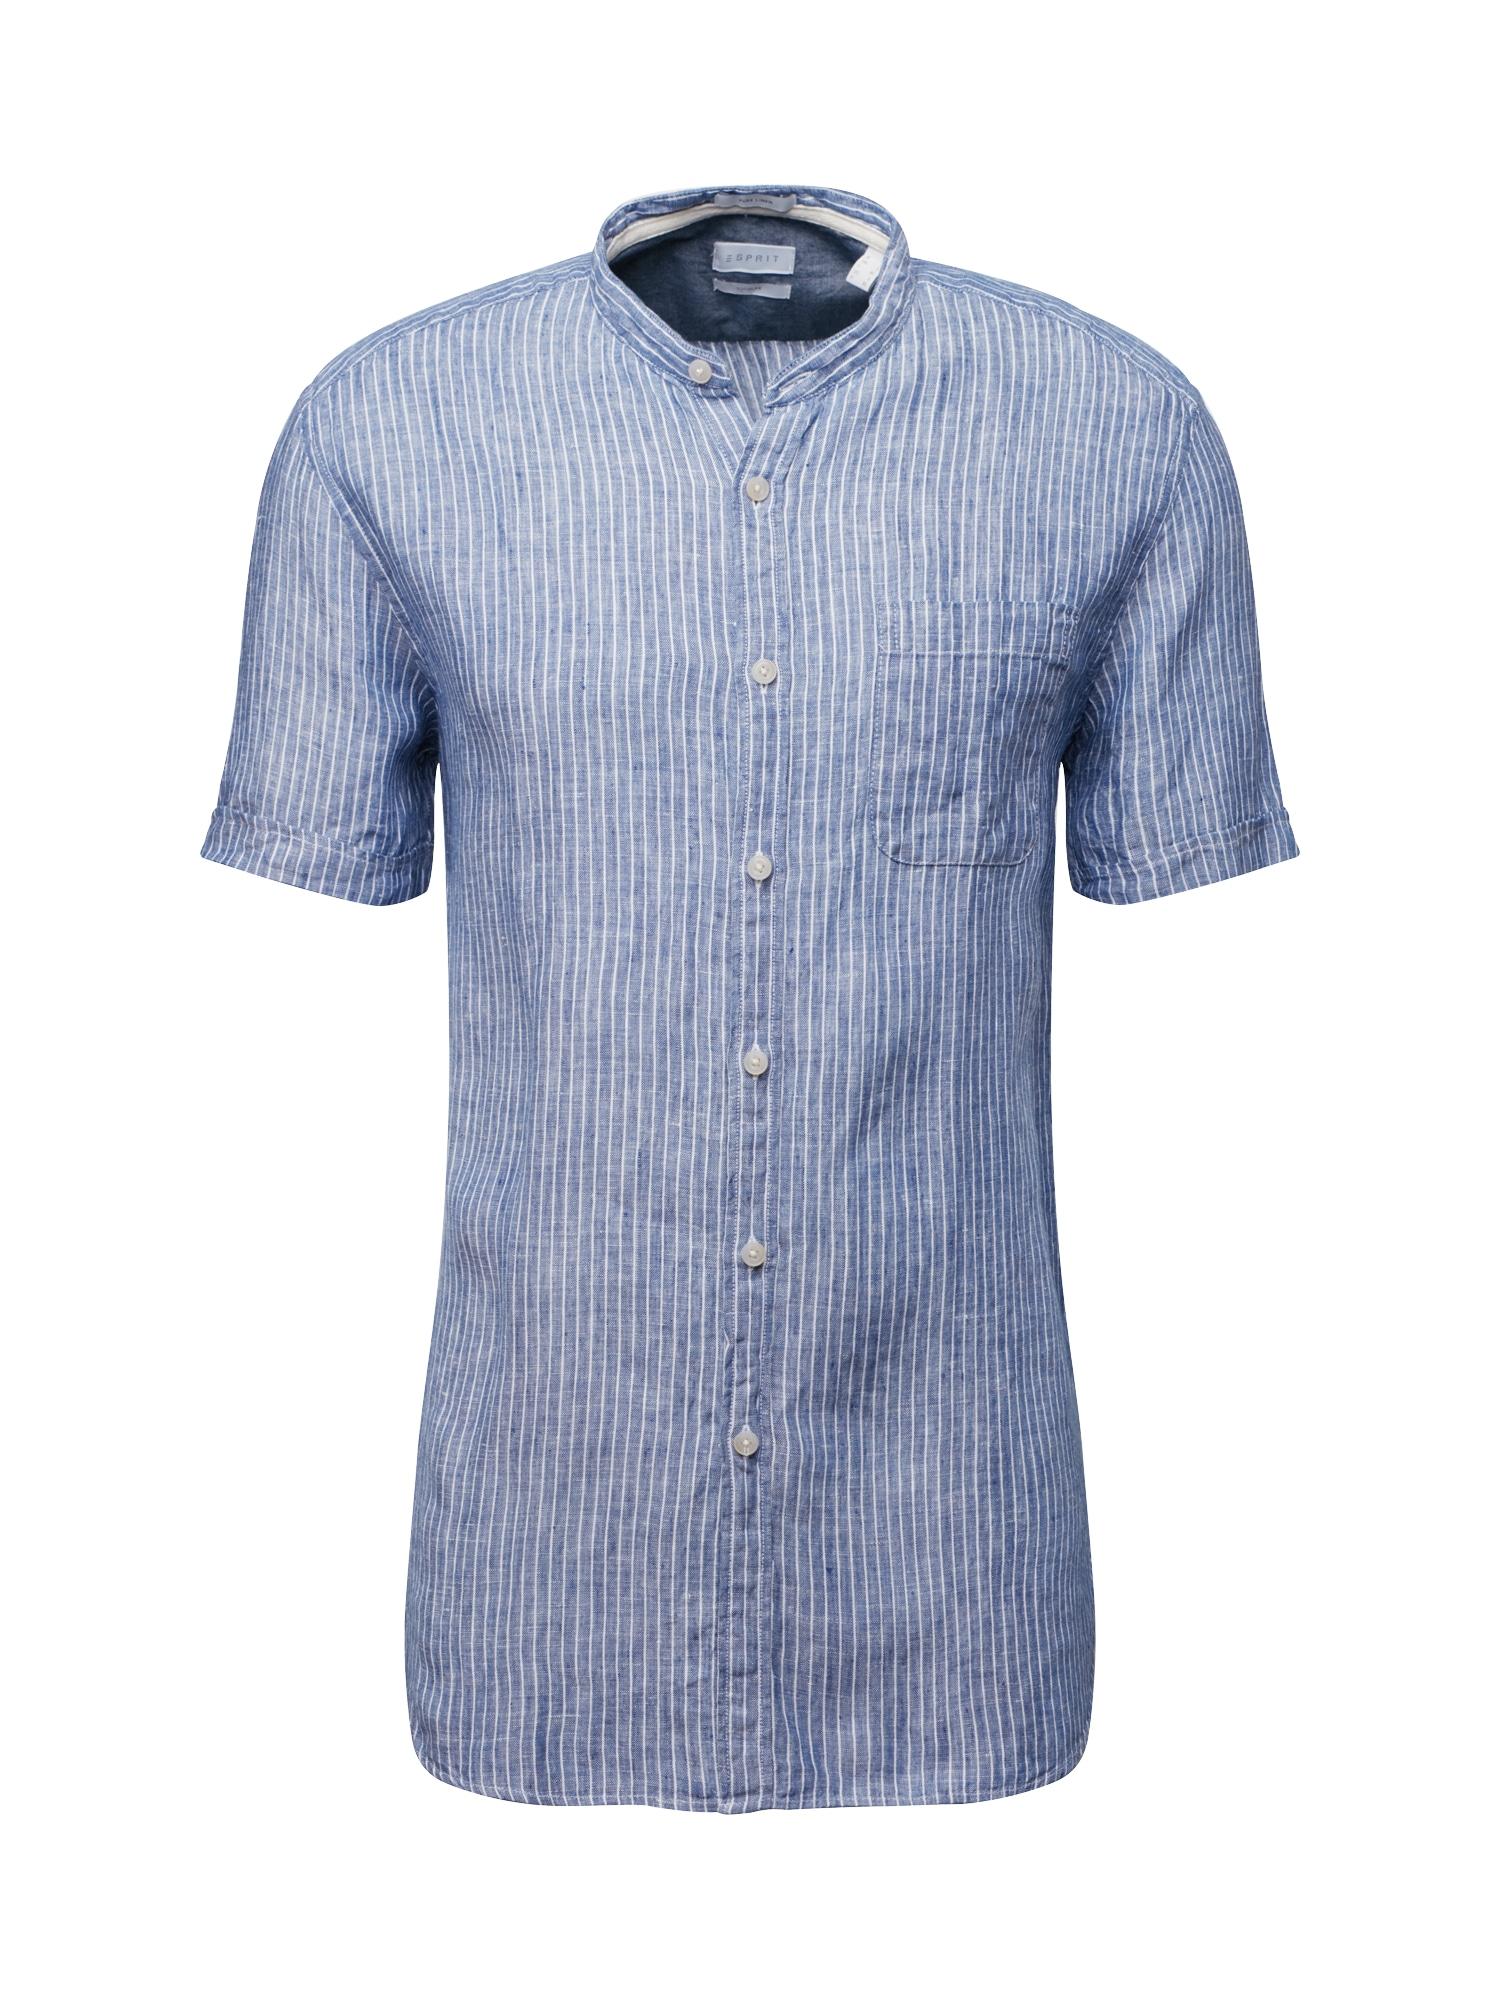 Košile CO LI Stripe sl námořnická modř ESPRIT